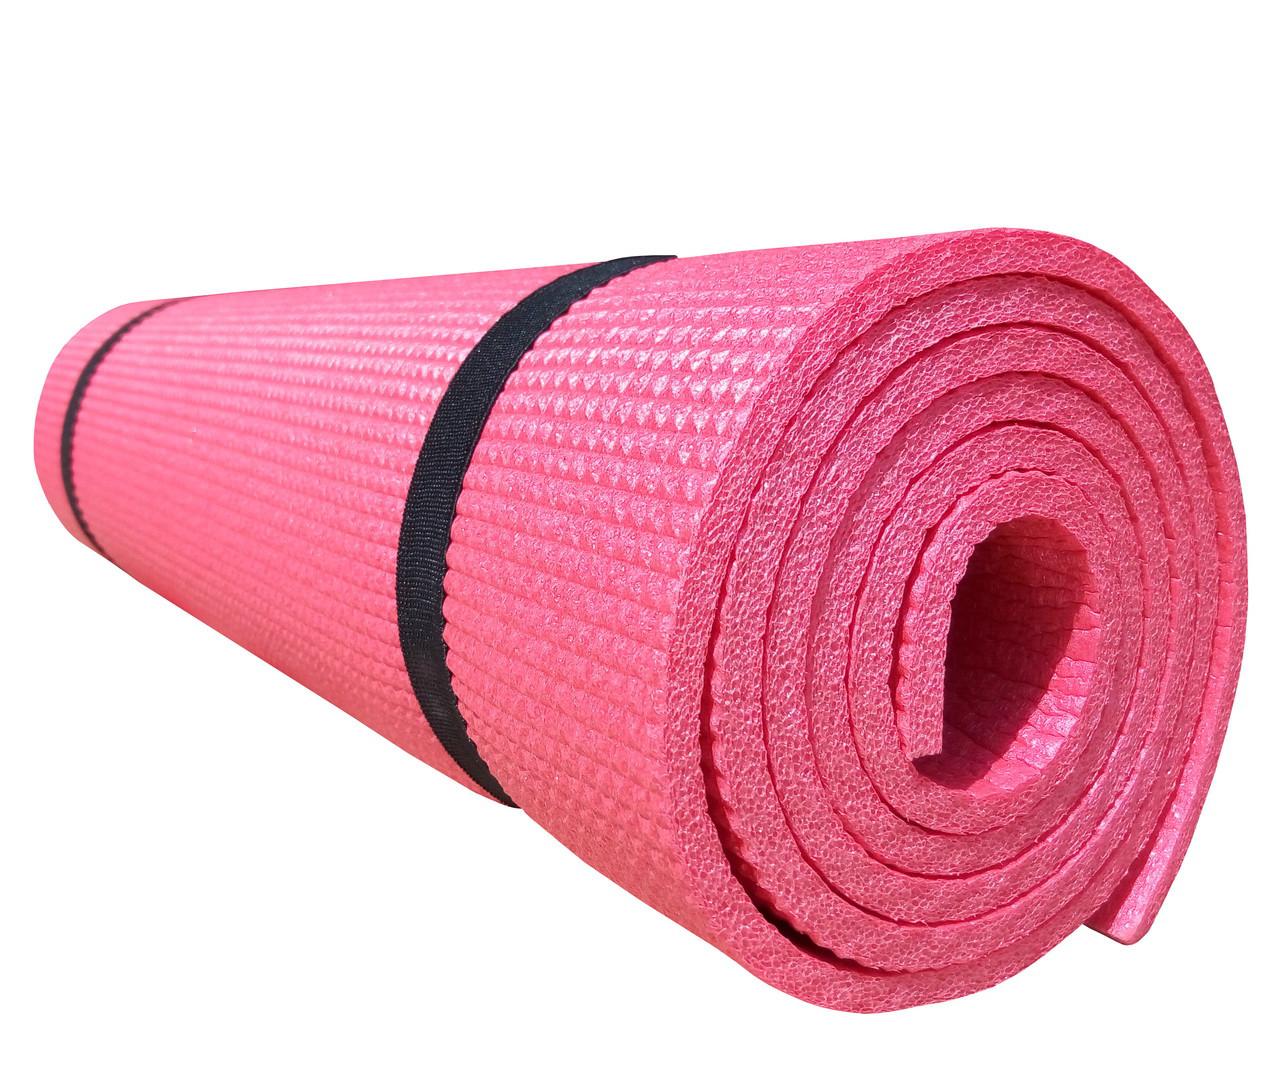 Килимок для аеробіки, танців, фітнесу, йоги «Light-6» 1800x600x6 мм